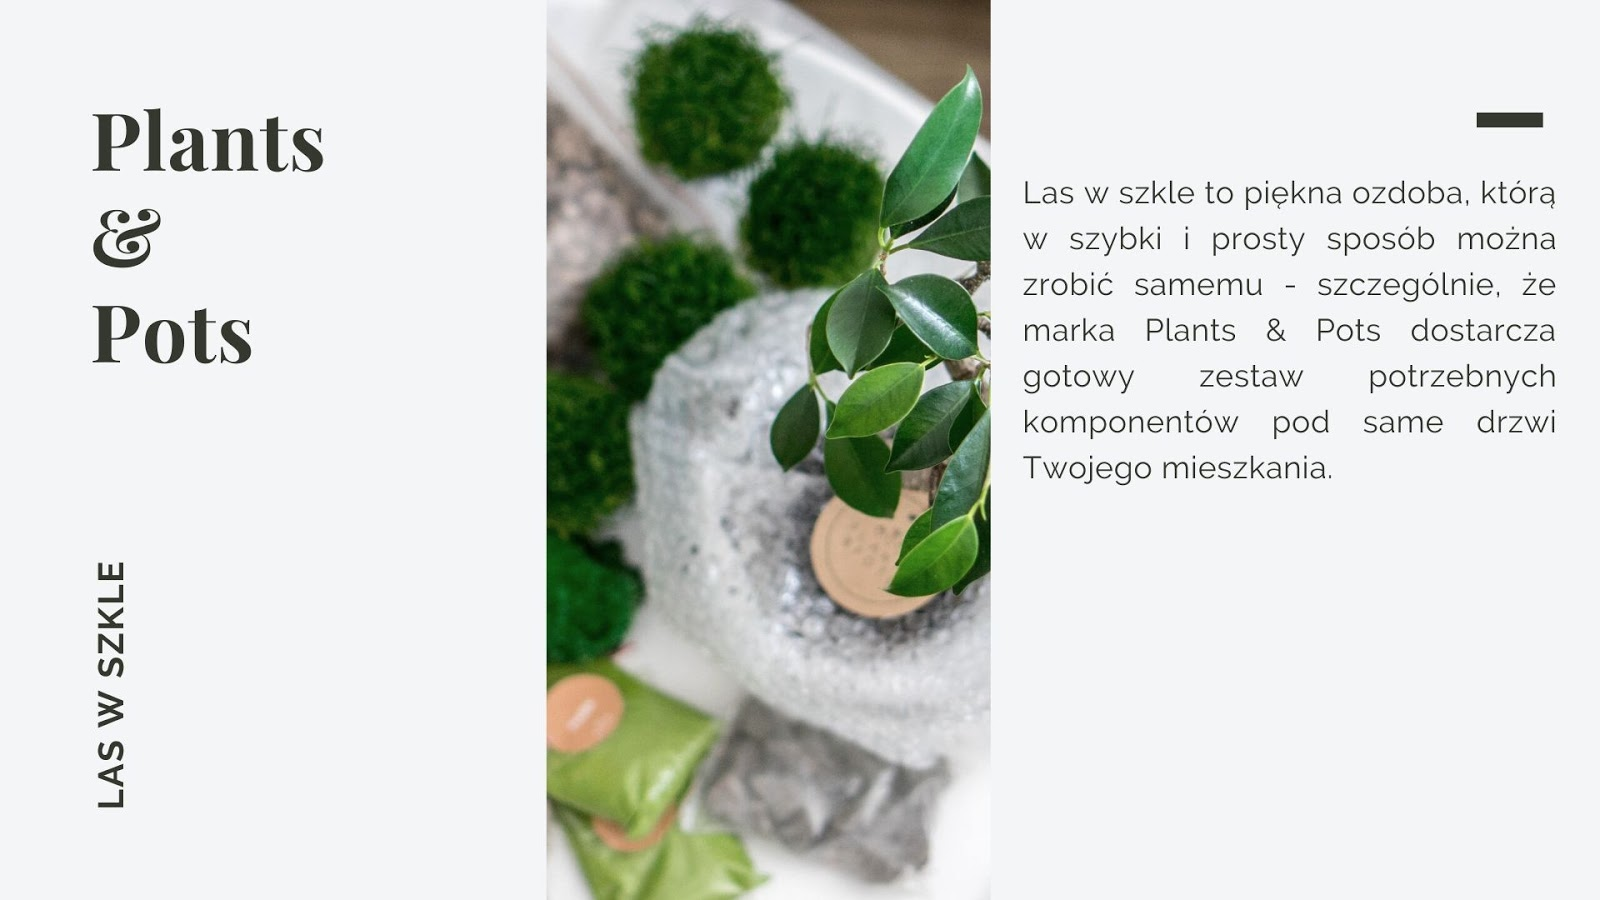 domowy las w szkle handmade w słoiku akcesoria elementy cena gdzie kupić diy jak zrobić las w szkle krok po kroku jak pielęgnować las w słoiku kiedy podlewać gdzie ustawić zwalczanie szkodników i pleśni